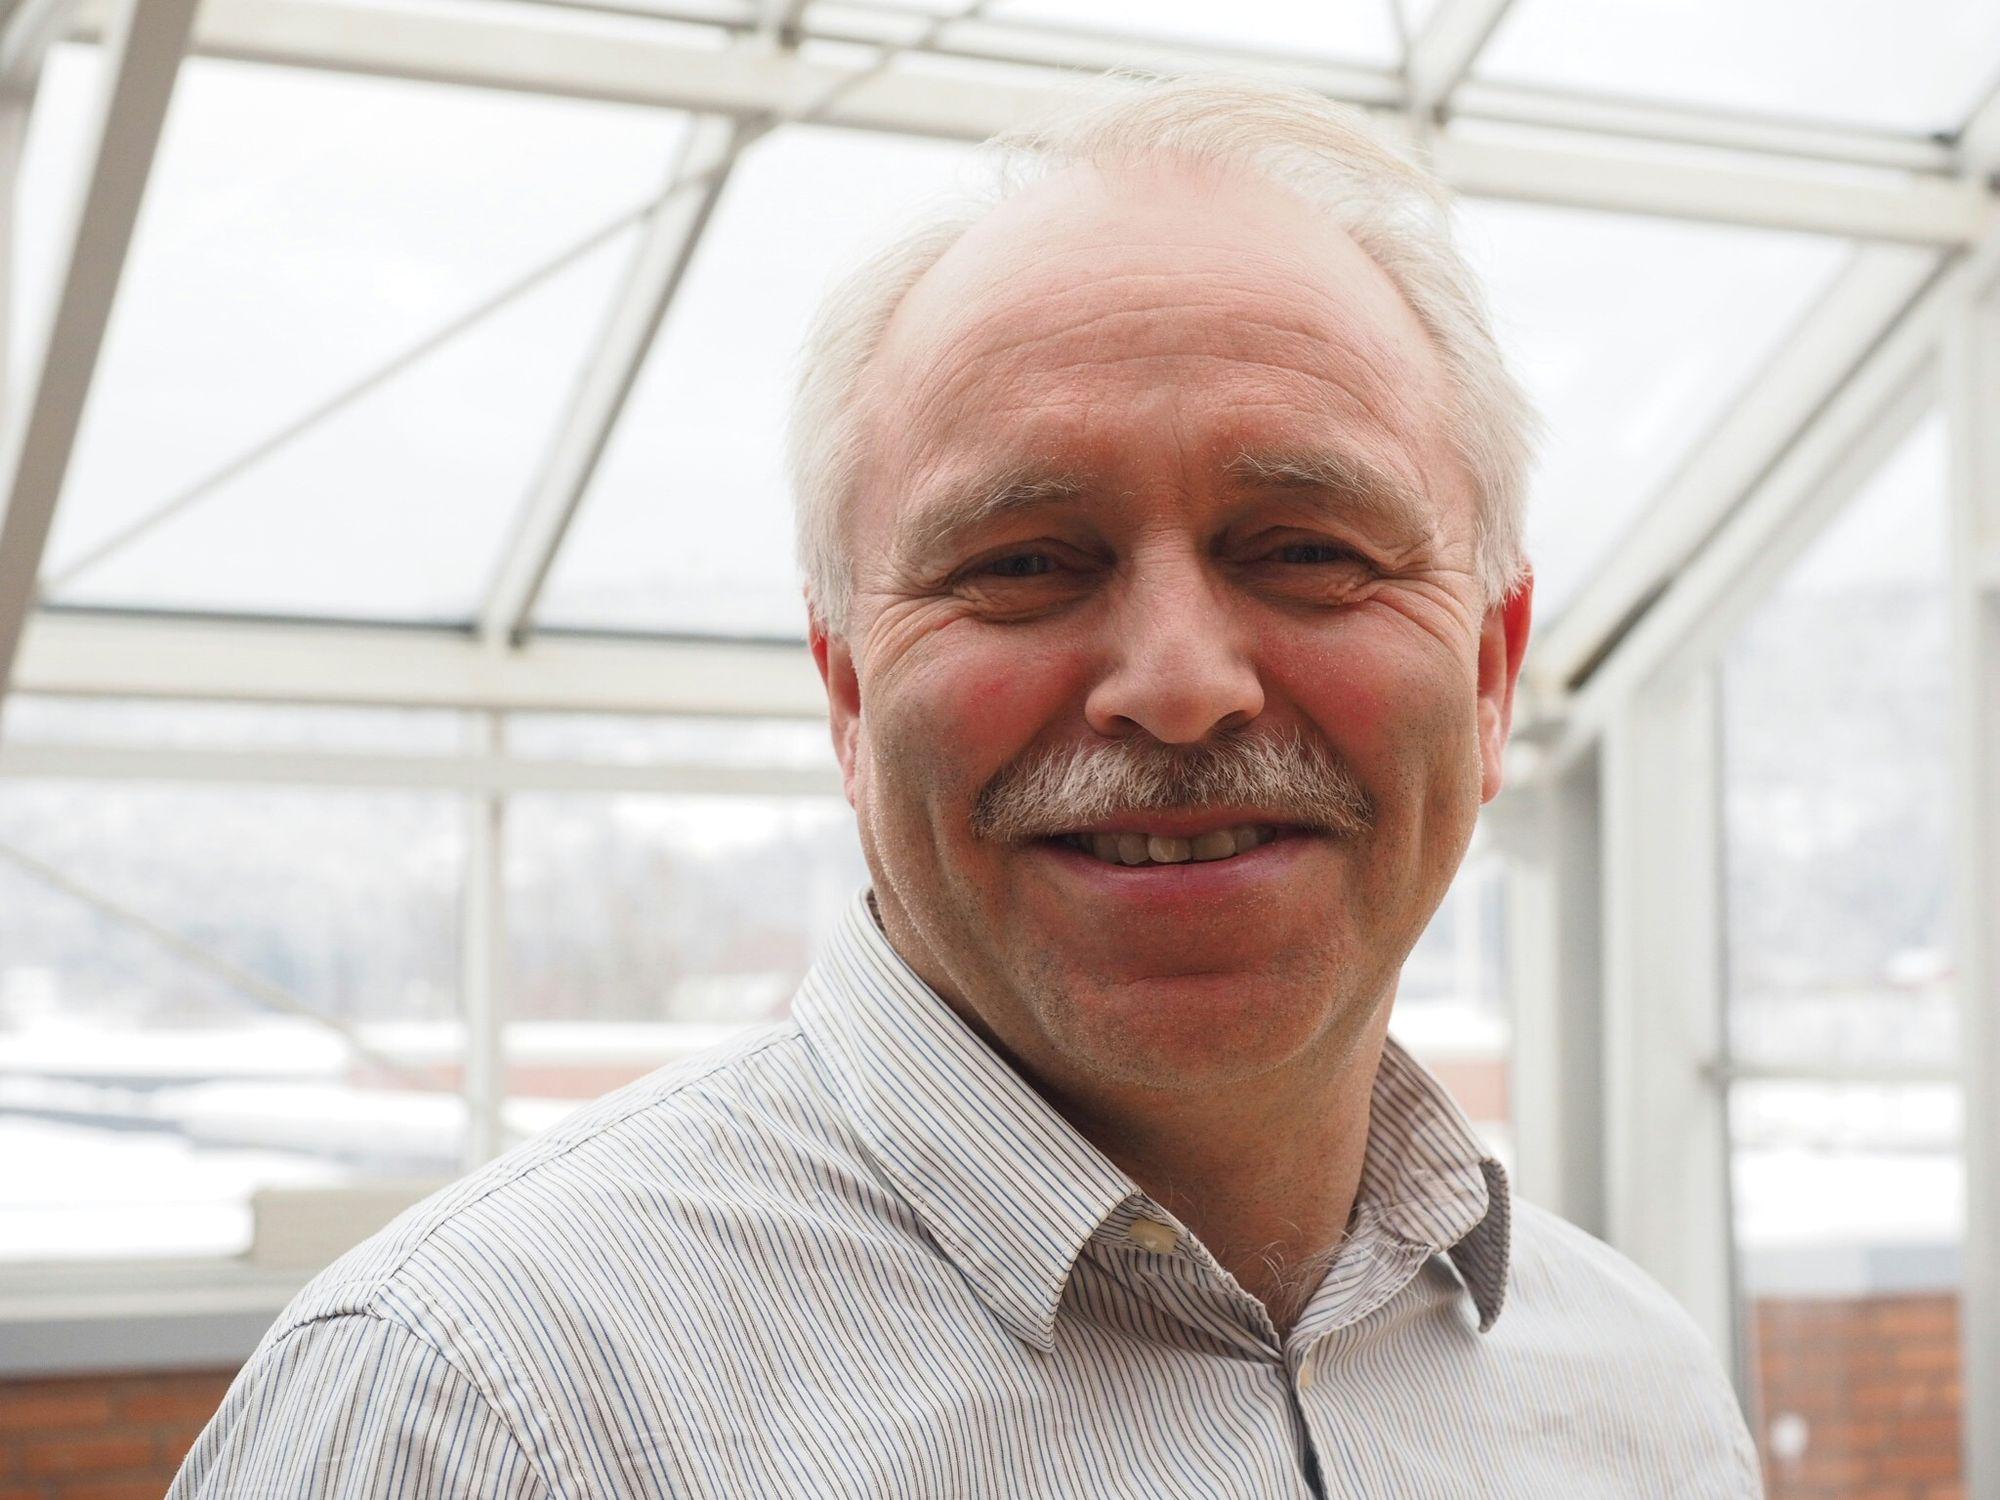 Forskningsleder Nils-Olav Skeie ved Høgskolen i Sørøst-Norge mener at med selvlærende systemer kan man selv i eldre hus redusere energibruken med opp mot 40 prosent.